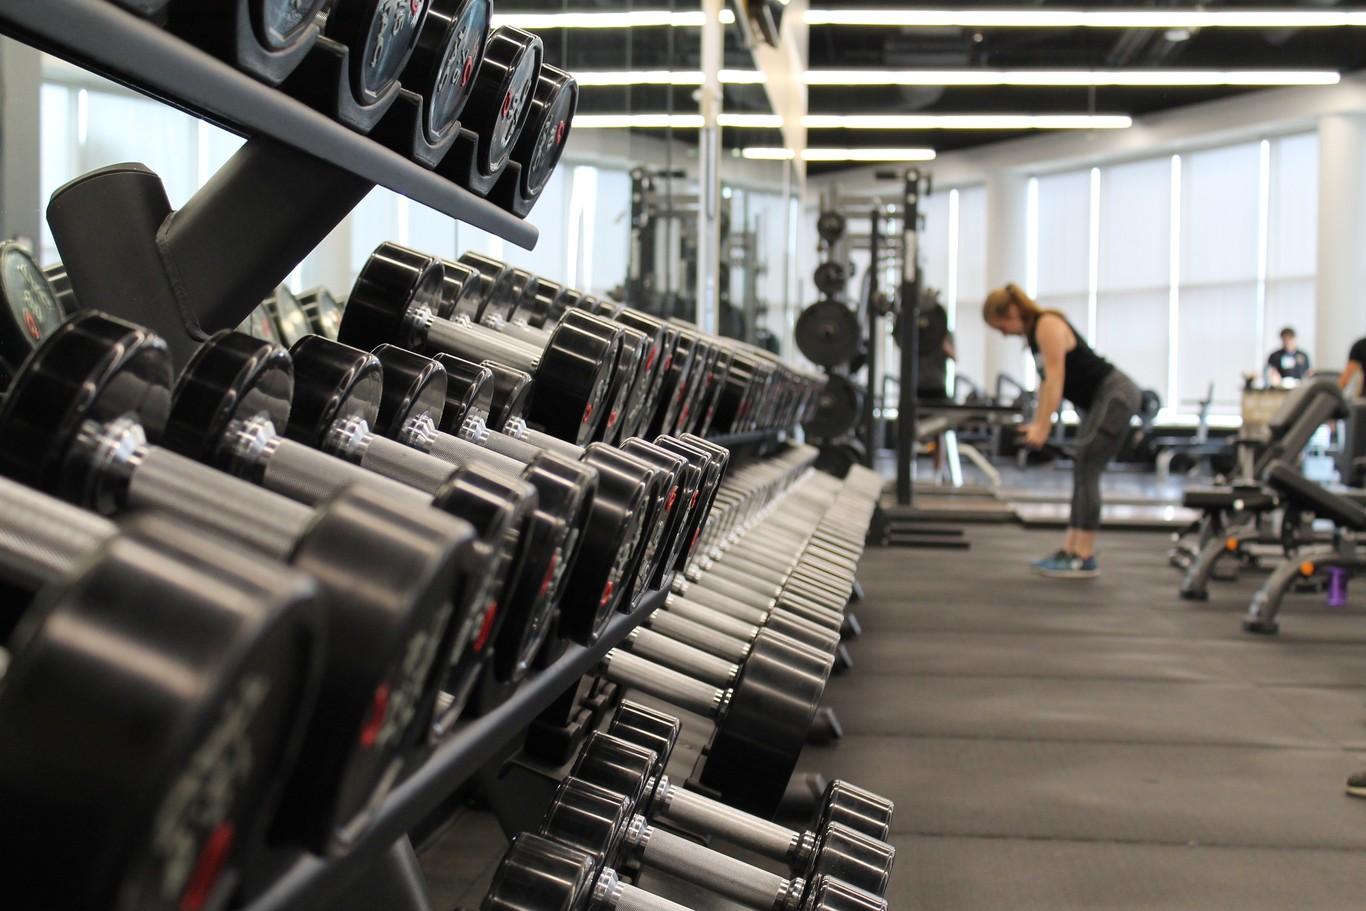 Dieta para bajar de peso rapido llendo al gimnasio